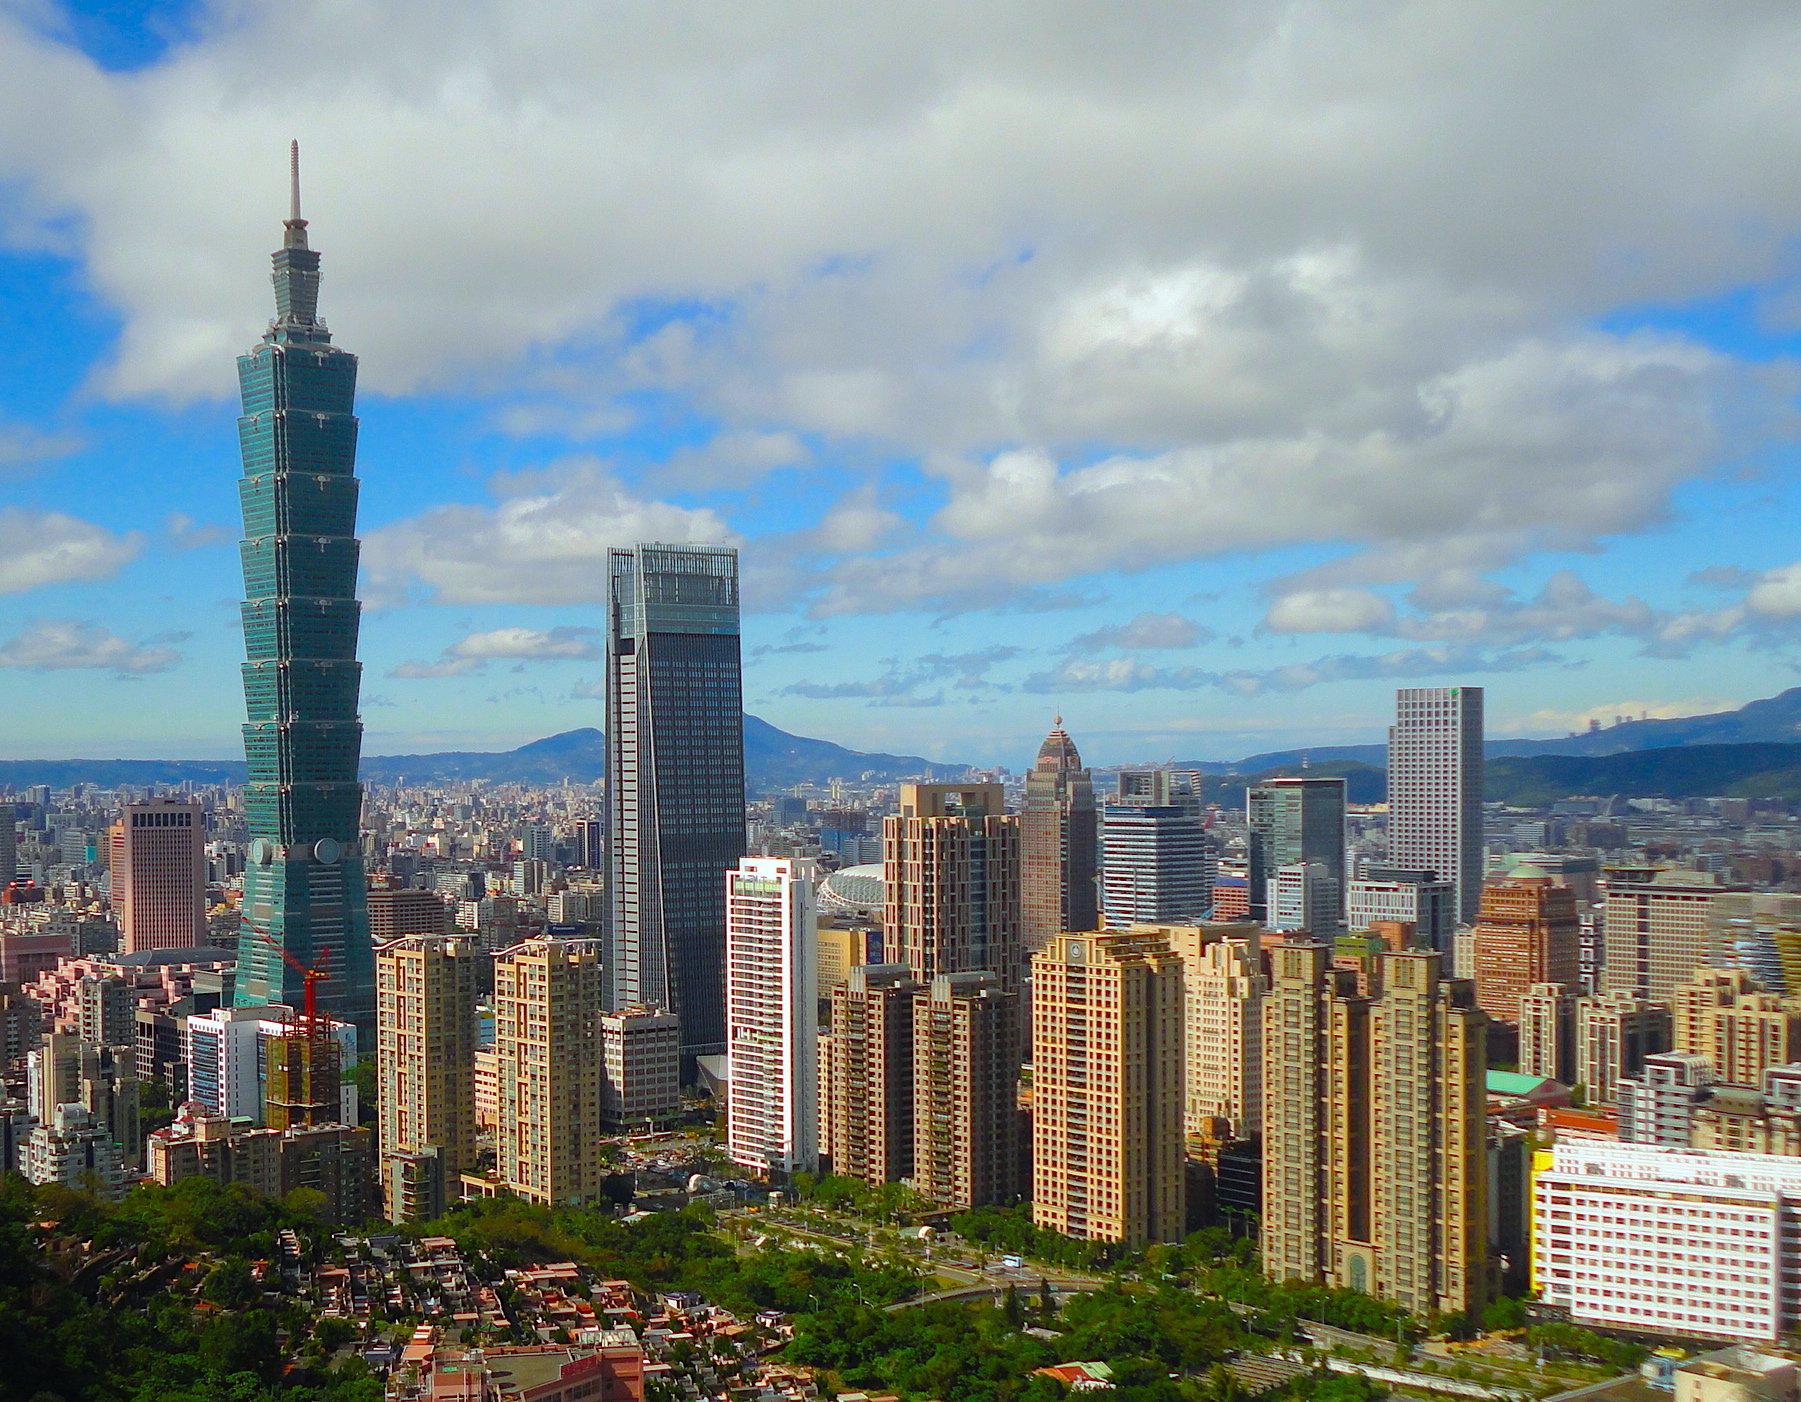 Taipei,_Taiwan_CBD_Skyline